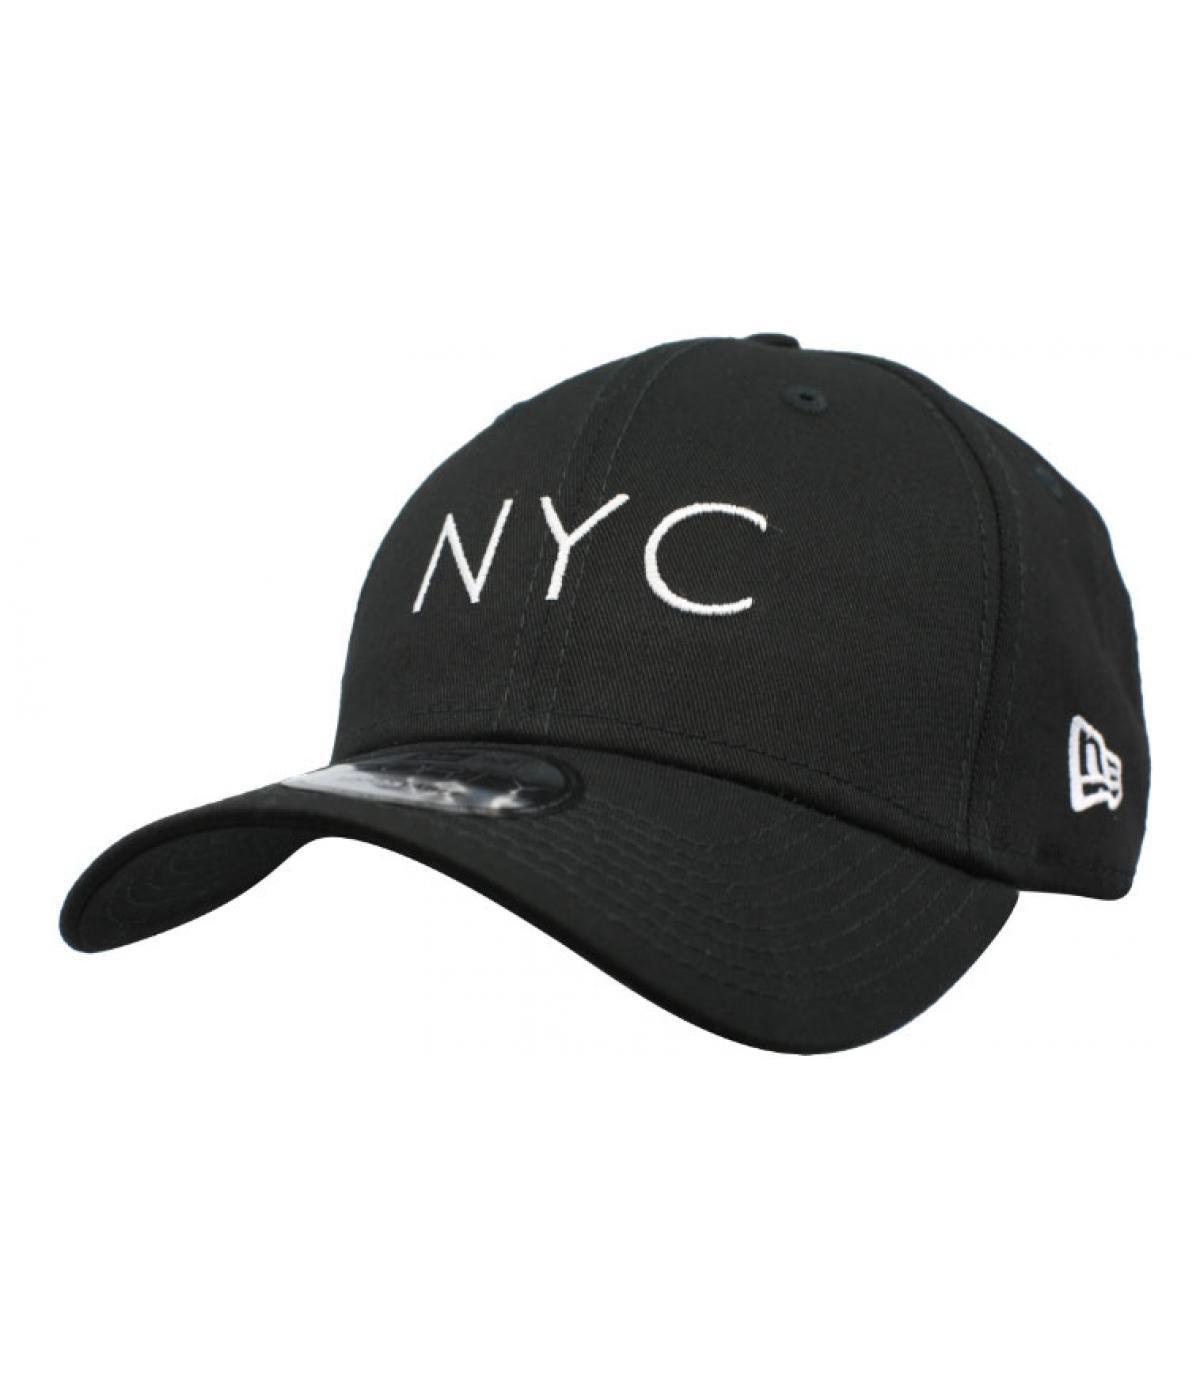 Details Cap NYC NE Ess 9Forty black - Abbildung 2